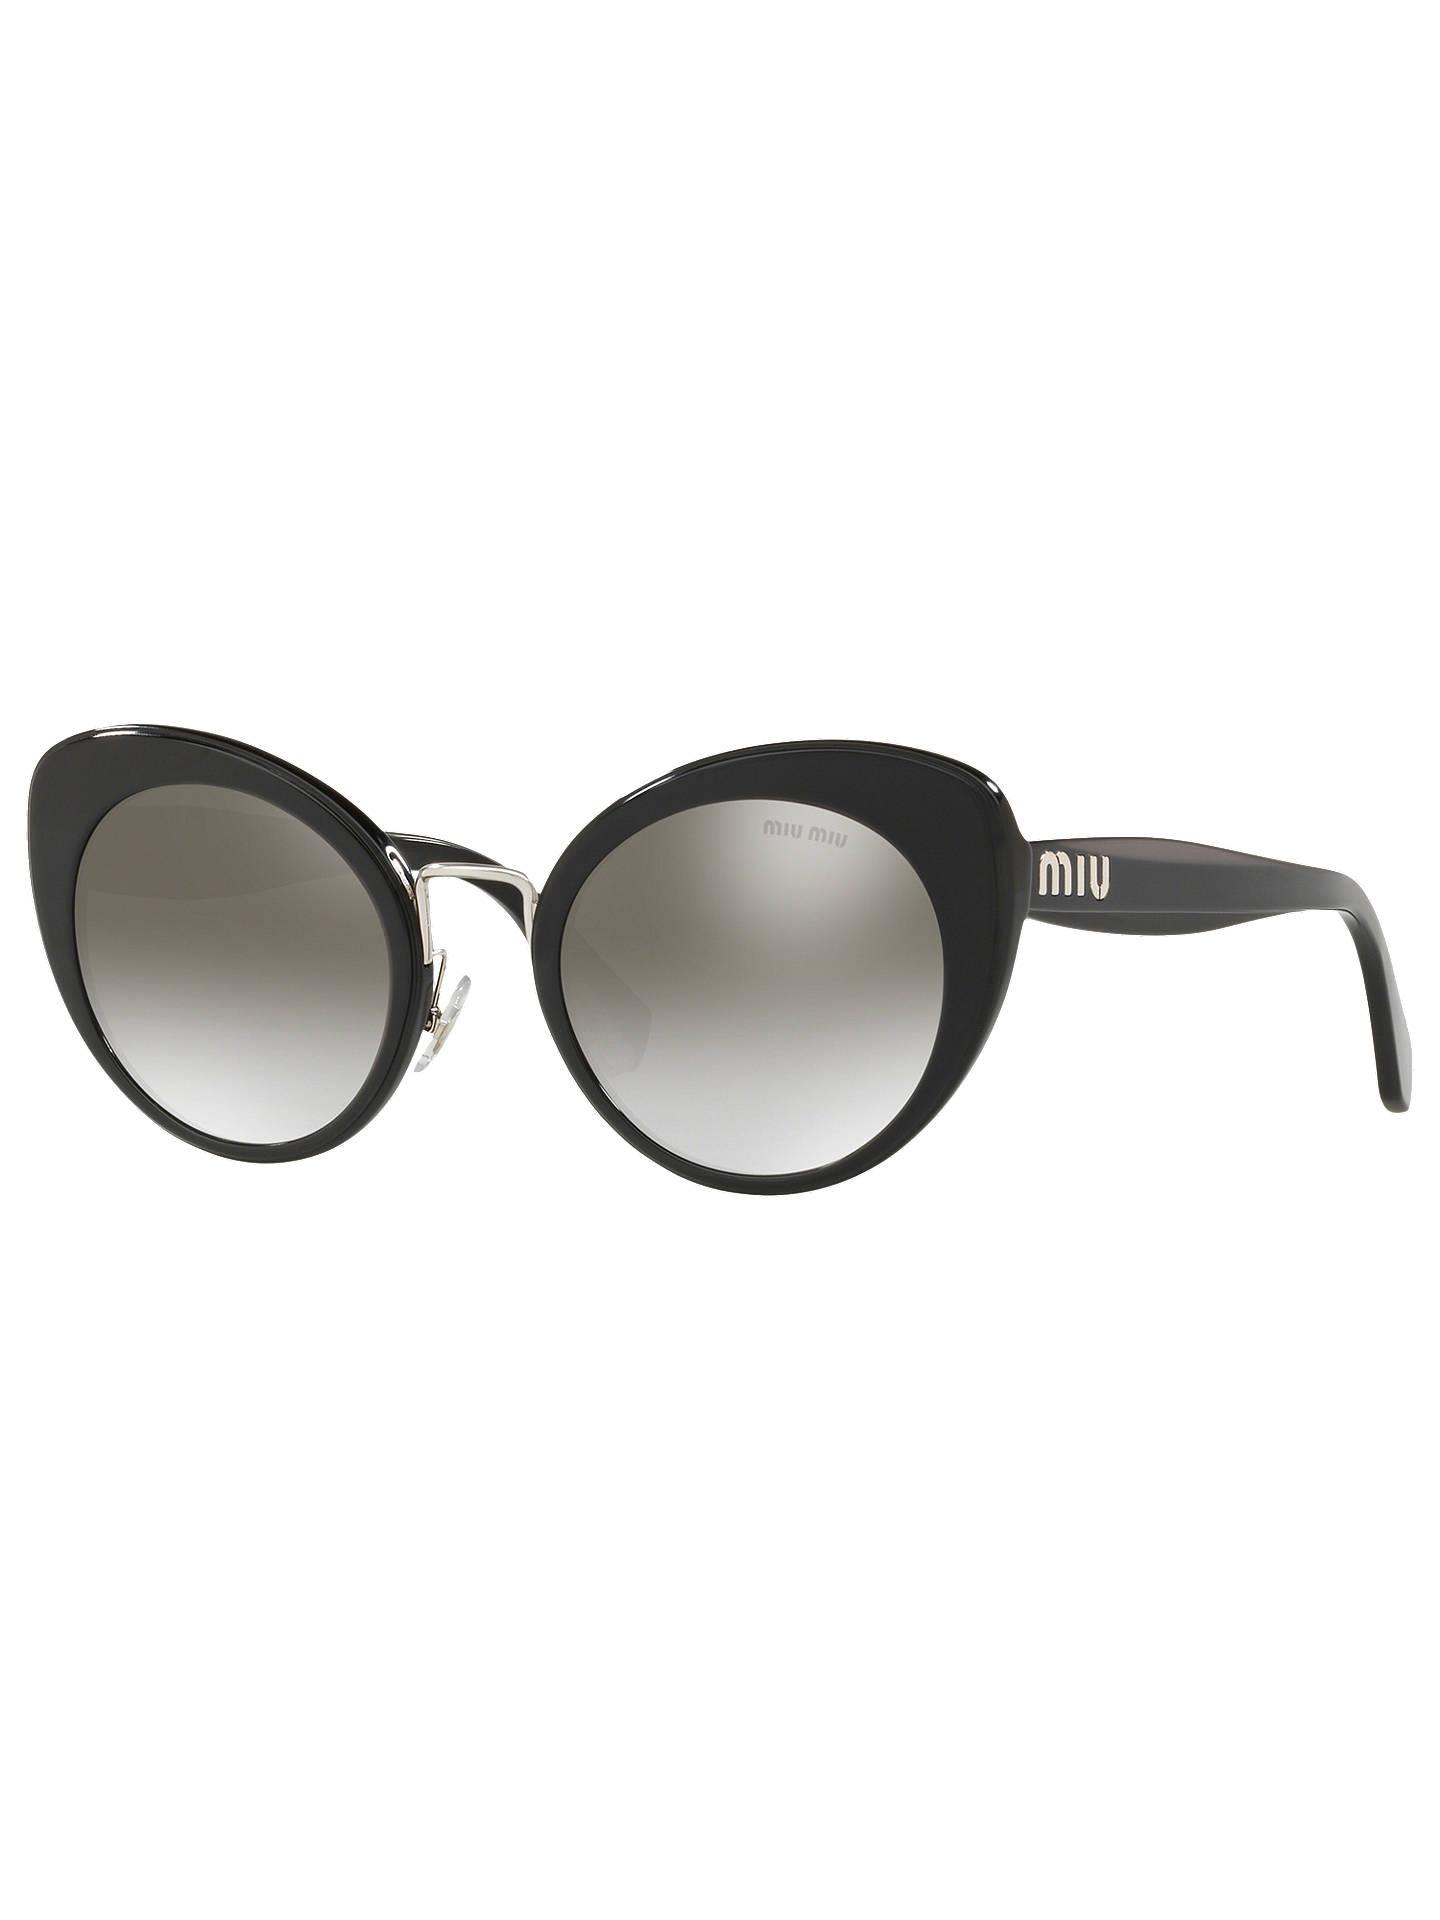 95316ed796c3 Buy Miu Miu MU 06TS Women s Cat s Eye Sunglasses